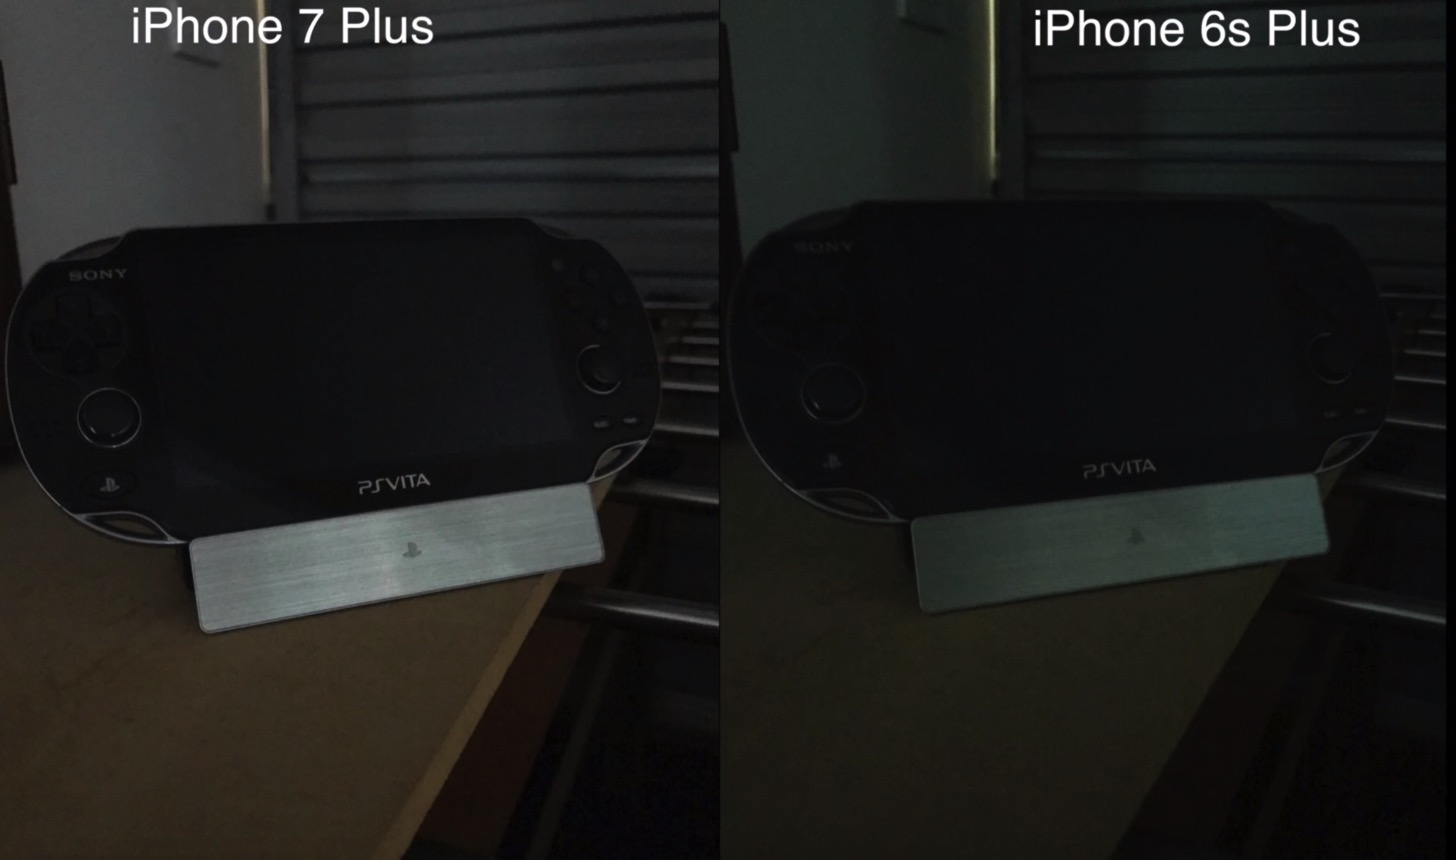 iPhone 7 PlusとiPhone 6sで撮った暗所写真の差。